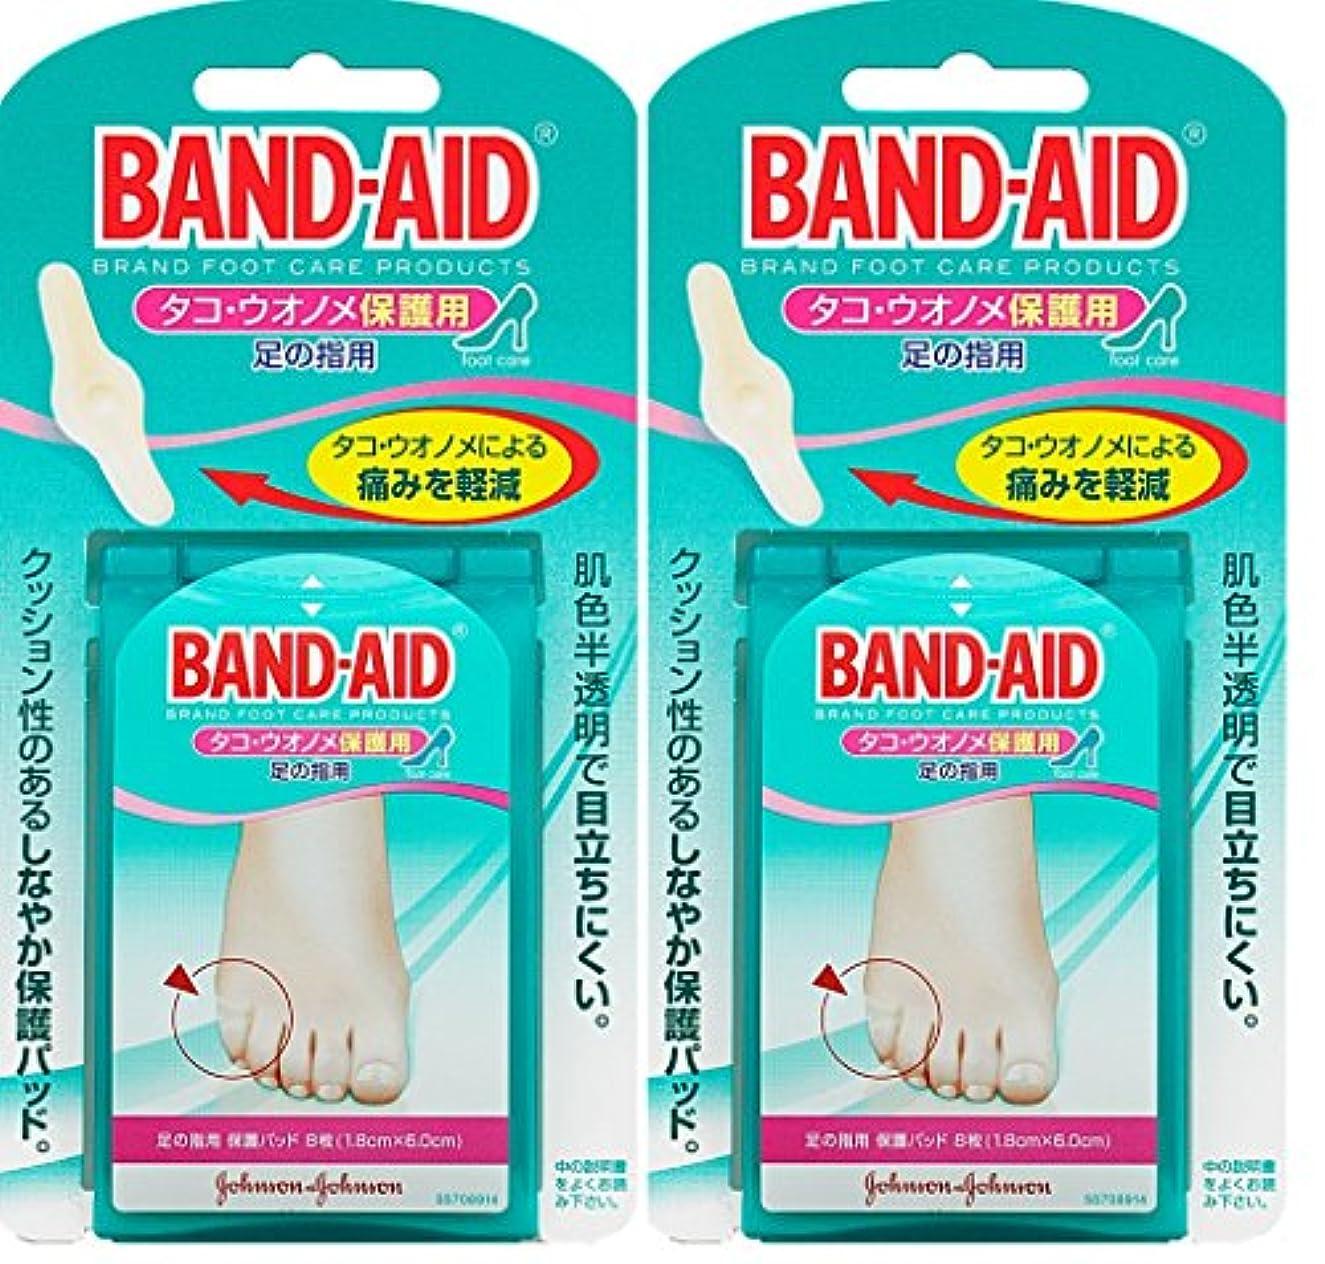 隠す会議スパイ【まとめ買い】BAND-AID(バンドエイド) タコ?ウオノメ保護用 足の指用 8枚×2個